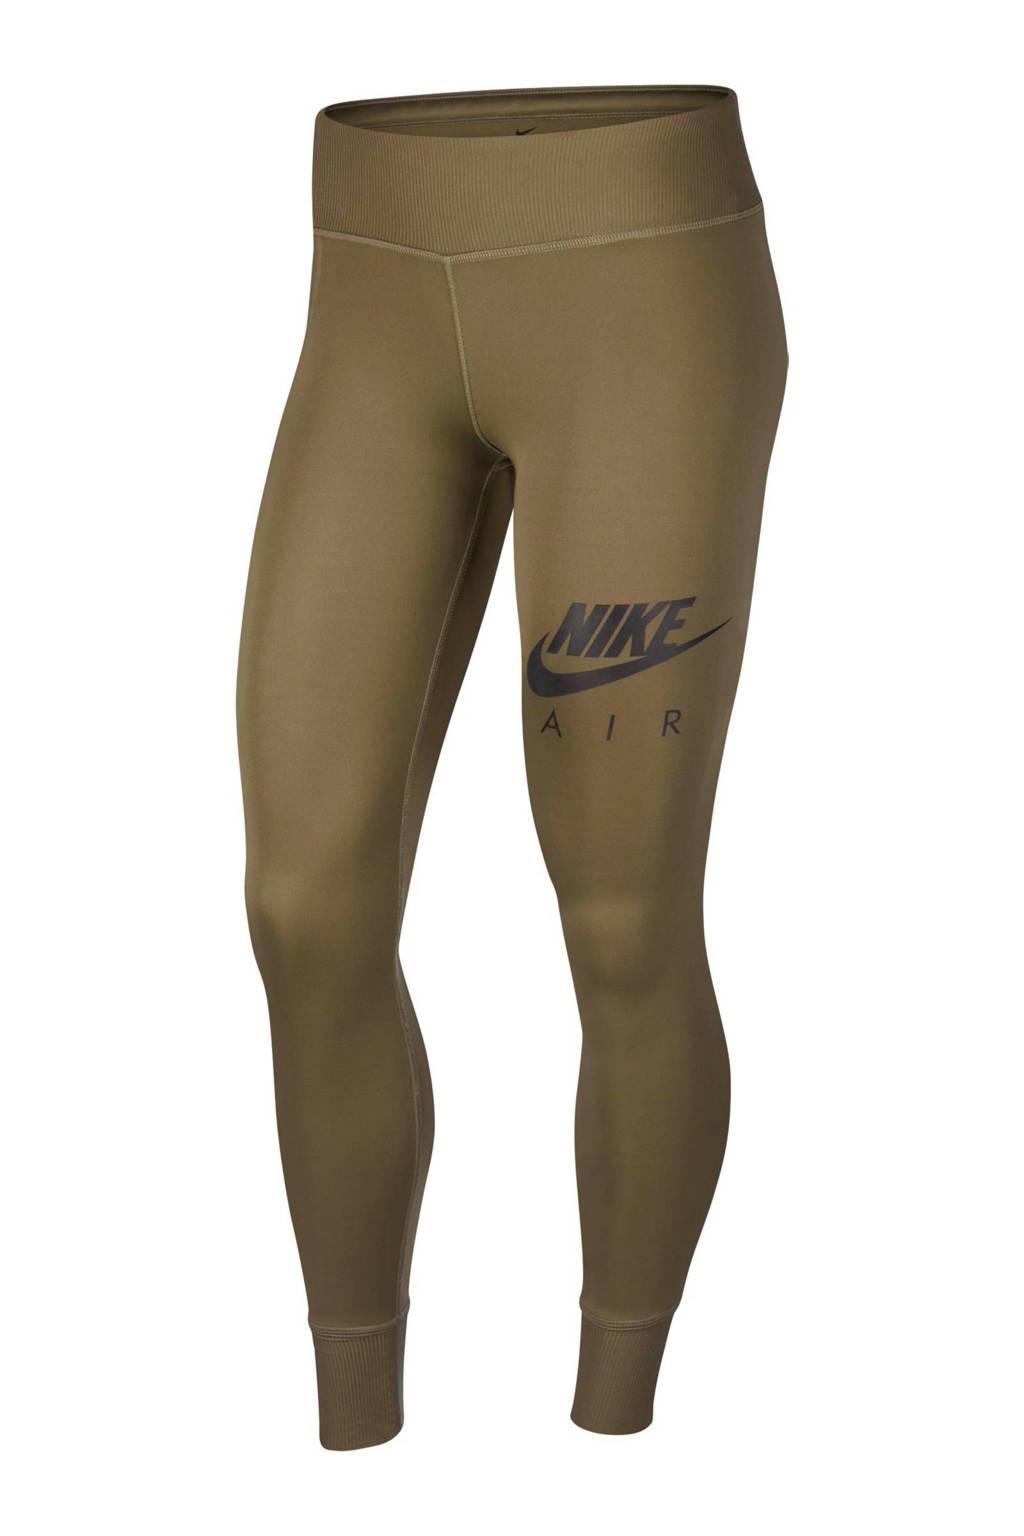 Nike Air 7/8 hardloopbroek olijfgroen, Olijfgroen